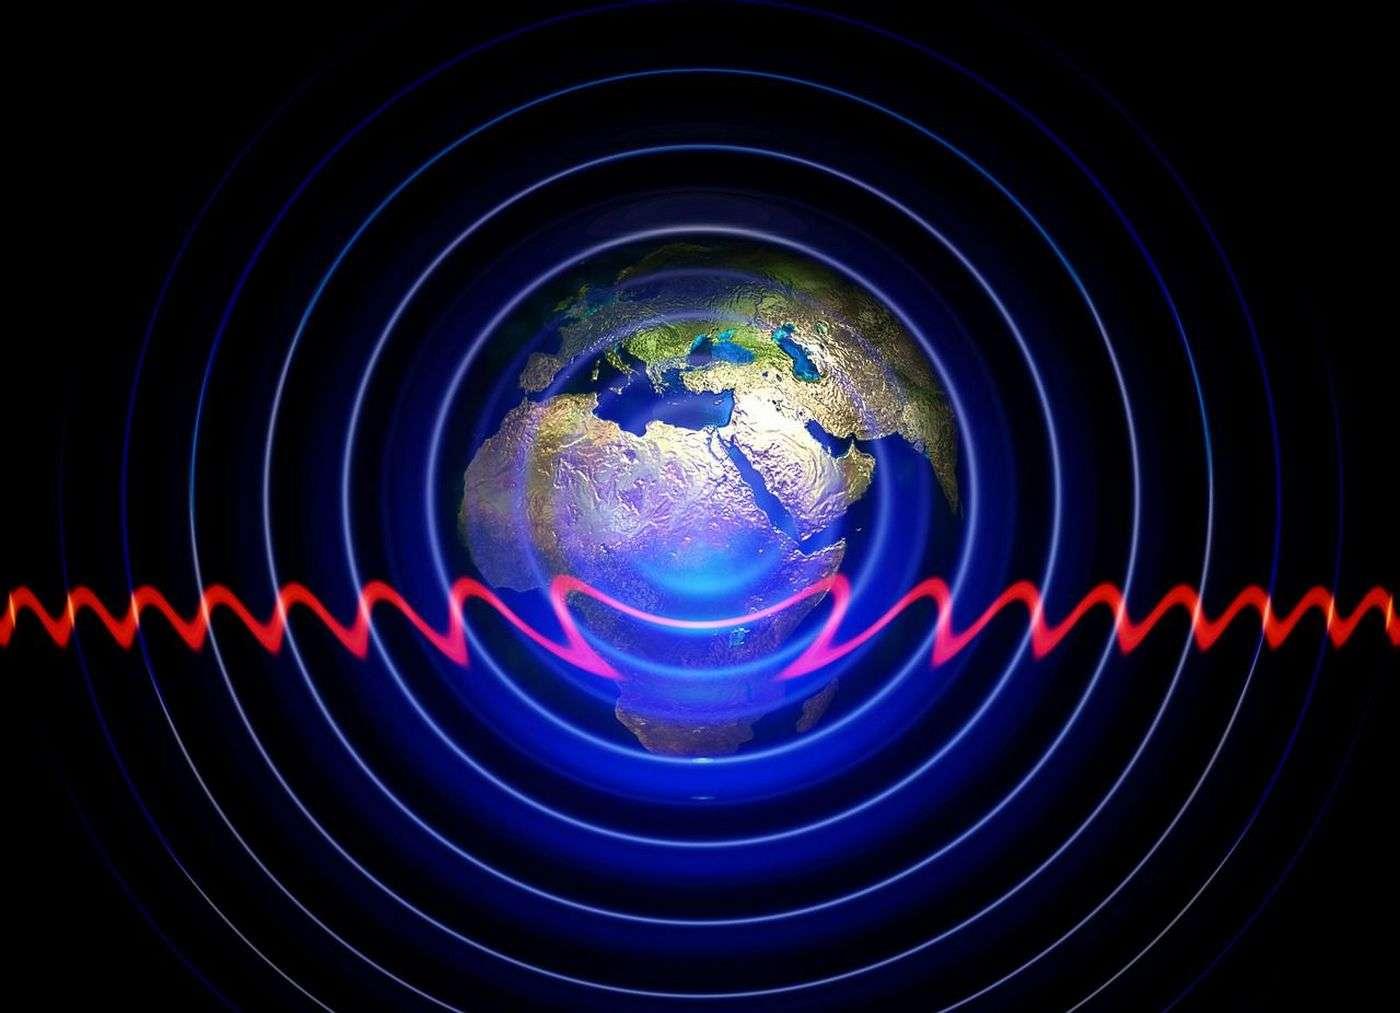 La possibilité d'alimenter des capteurs miniatures grâce aux ondes radio pourrait s'avérer très utile au développement de l'Internet des objets. © Pixabay, CC0, DP